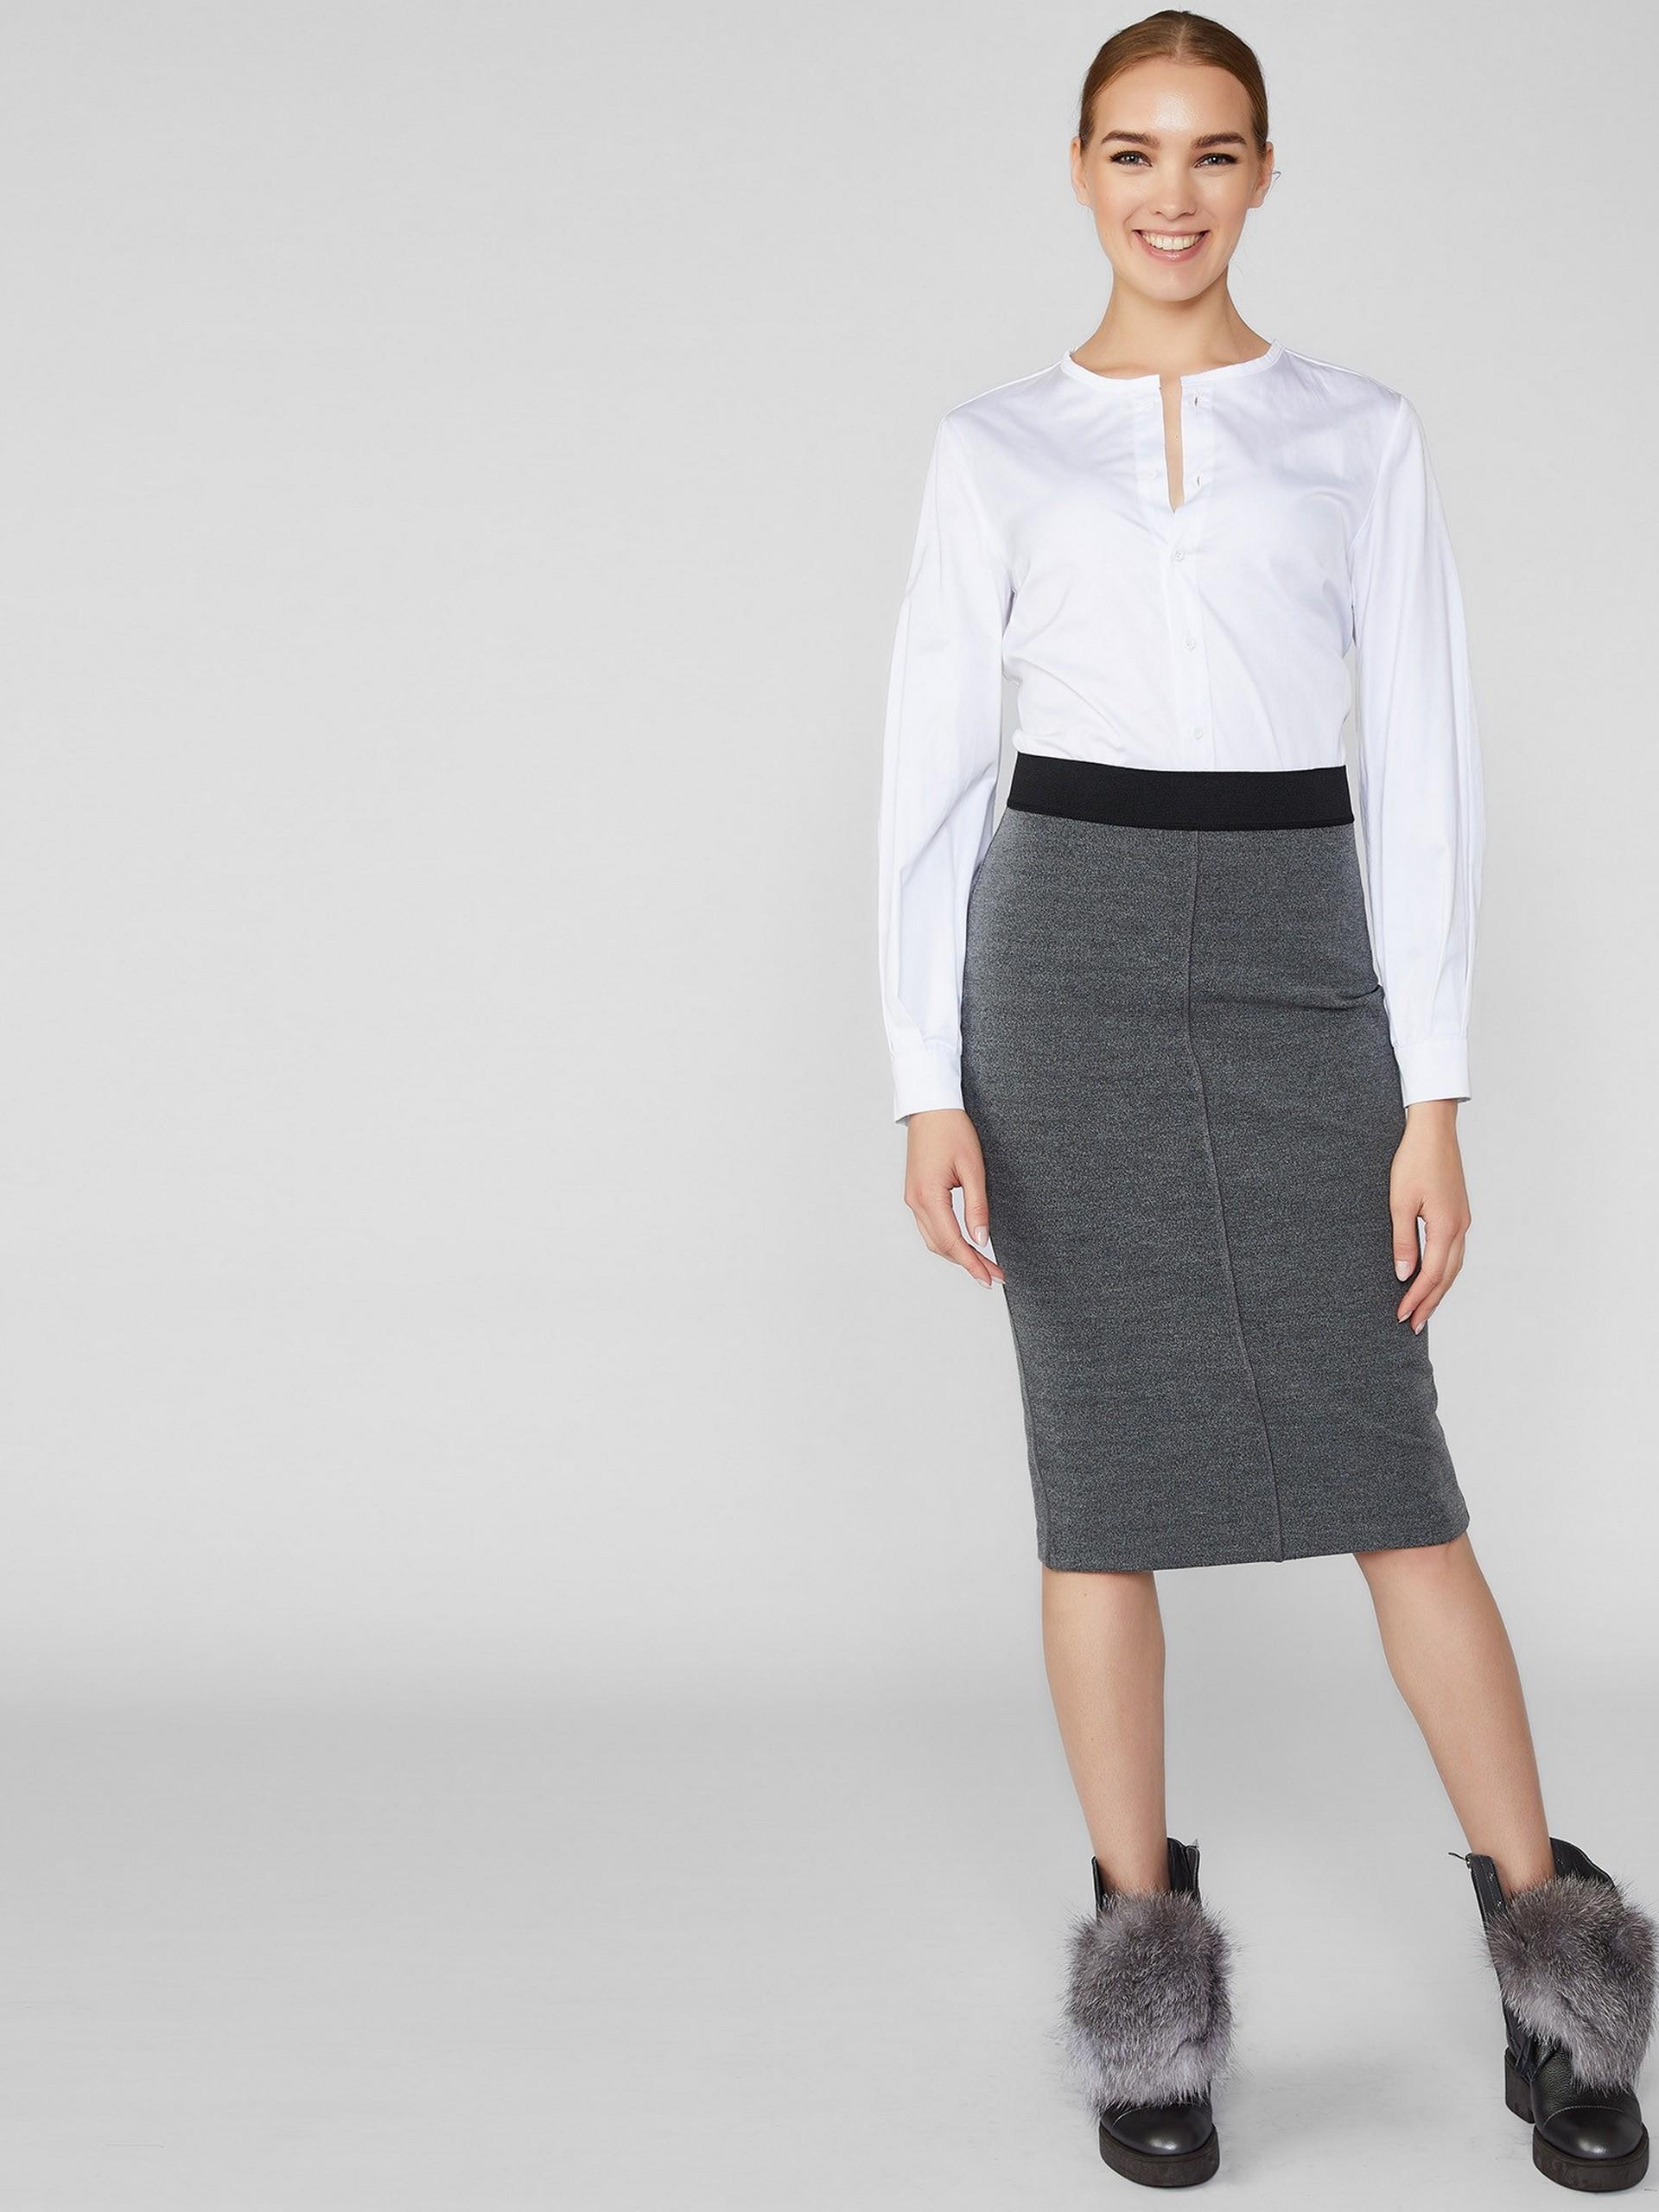 Pencil Skirt With Elastic Waist